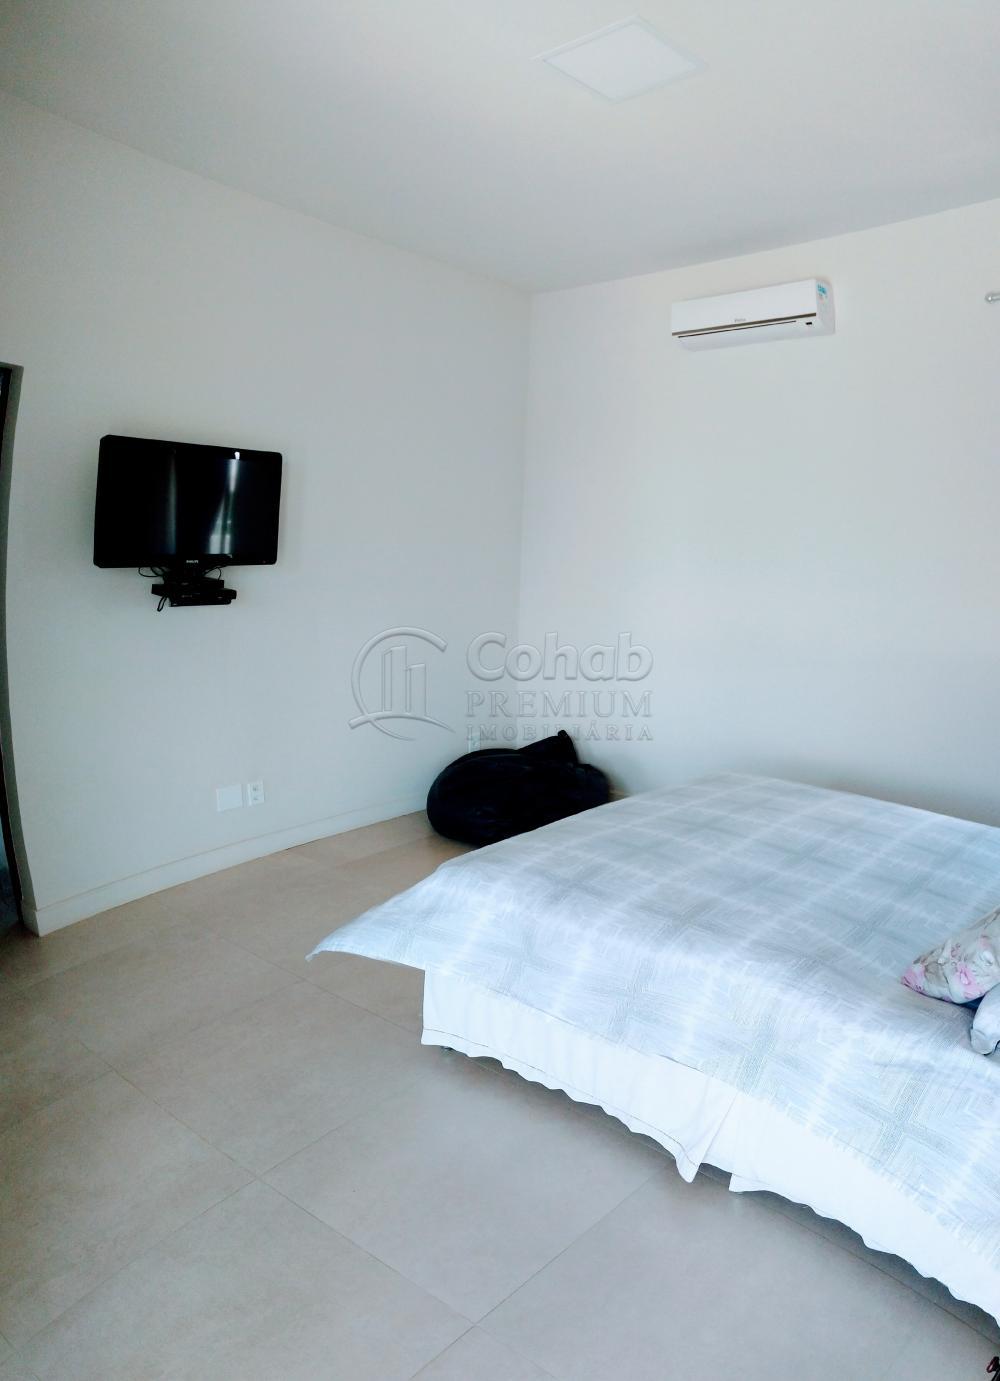 Alugar Casa / Condomínio em Barra dos Coqueiros apenas R$ 6.500,00 - Foto 20